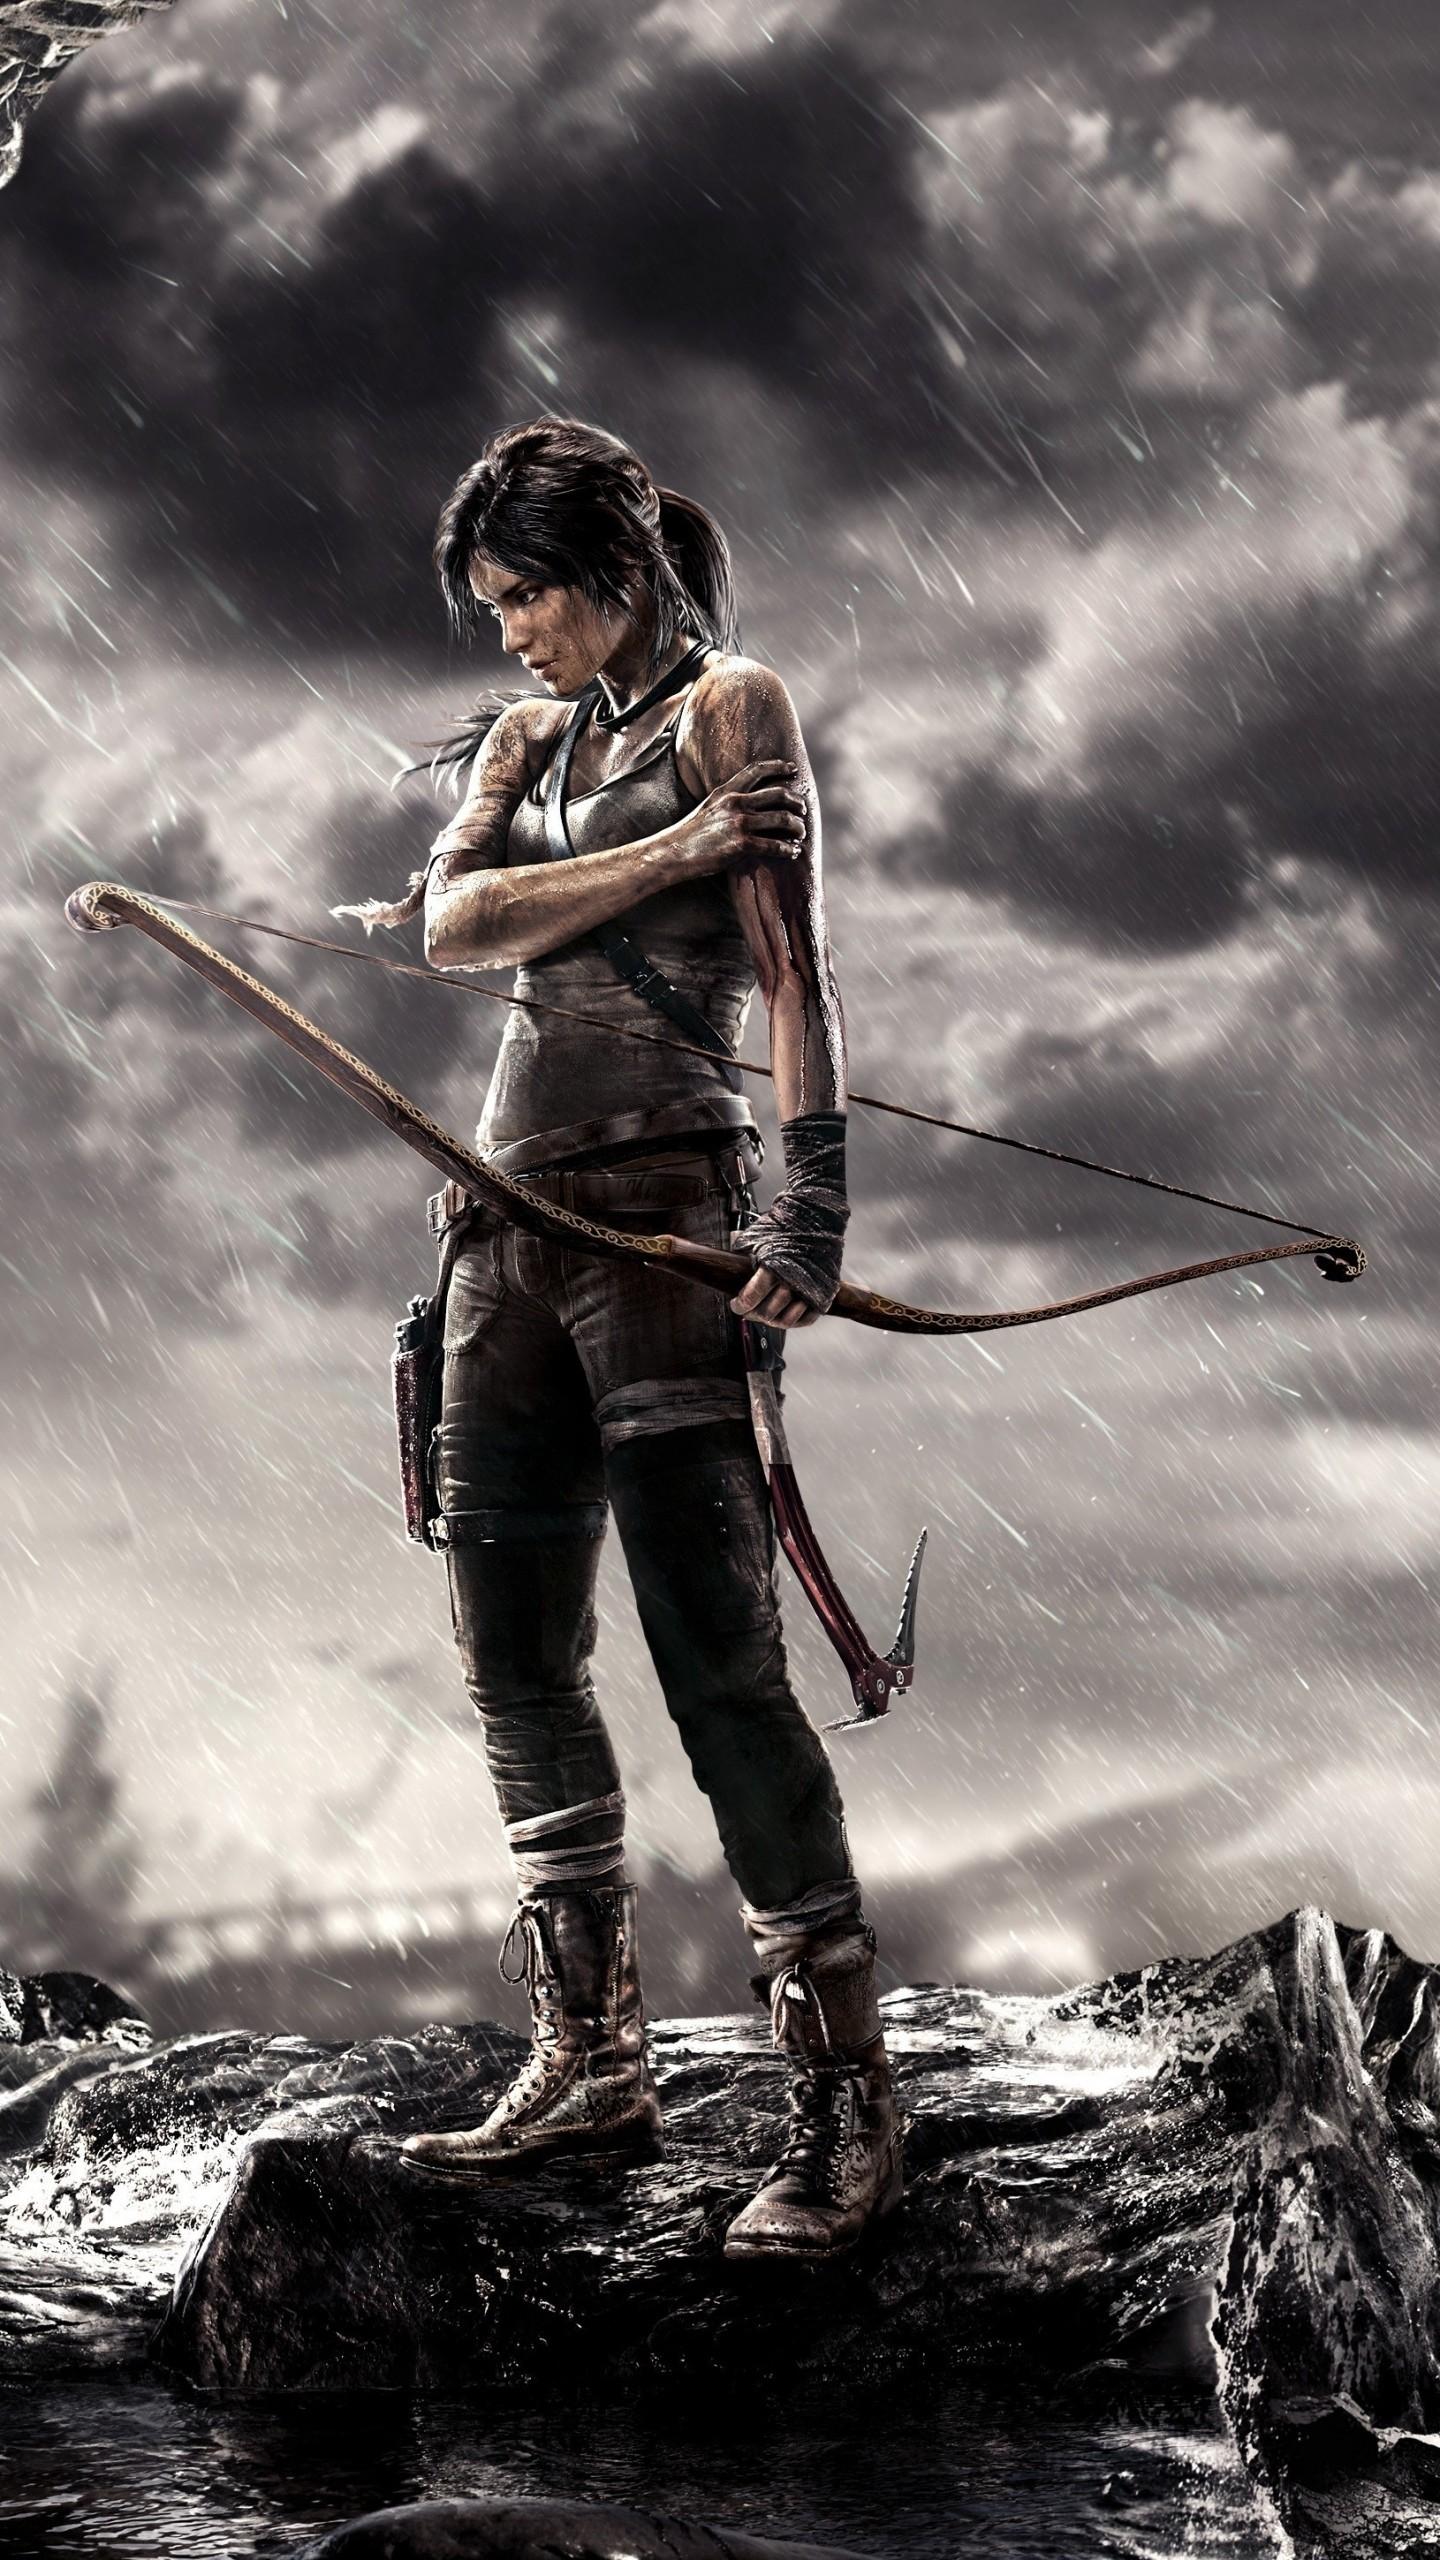 Tomb Raider Wallpaper (72+ immagini)  Tomb Raider Wal...